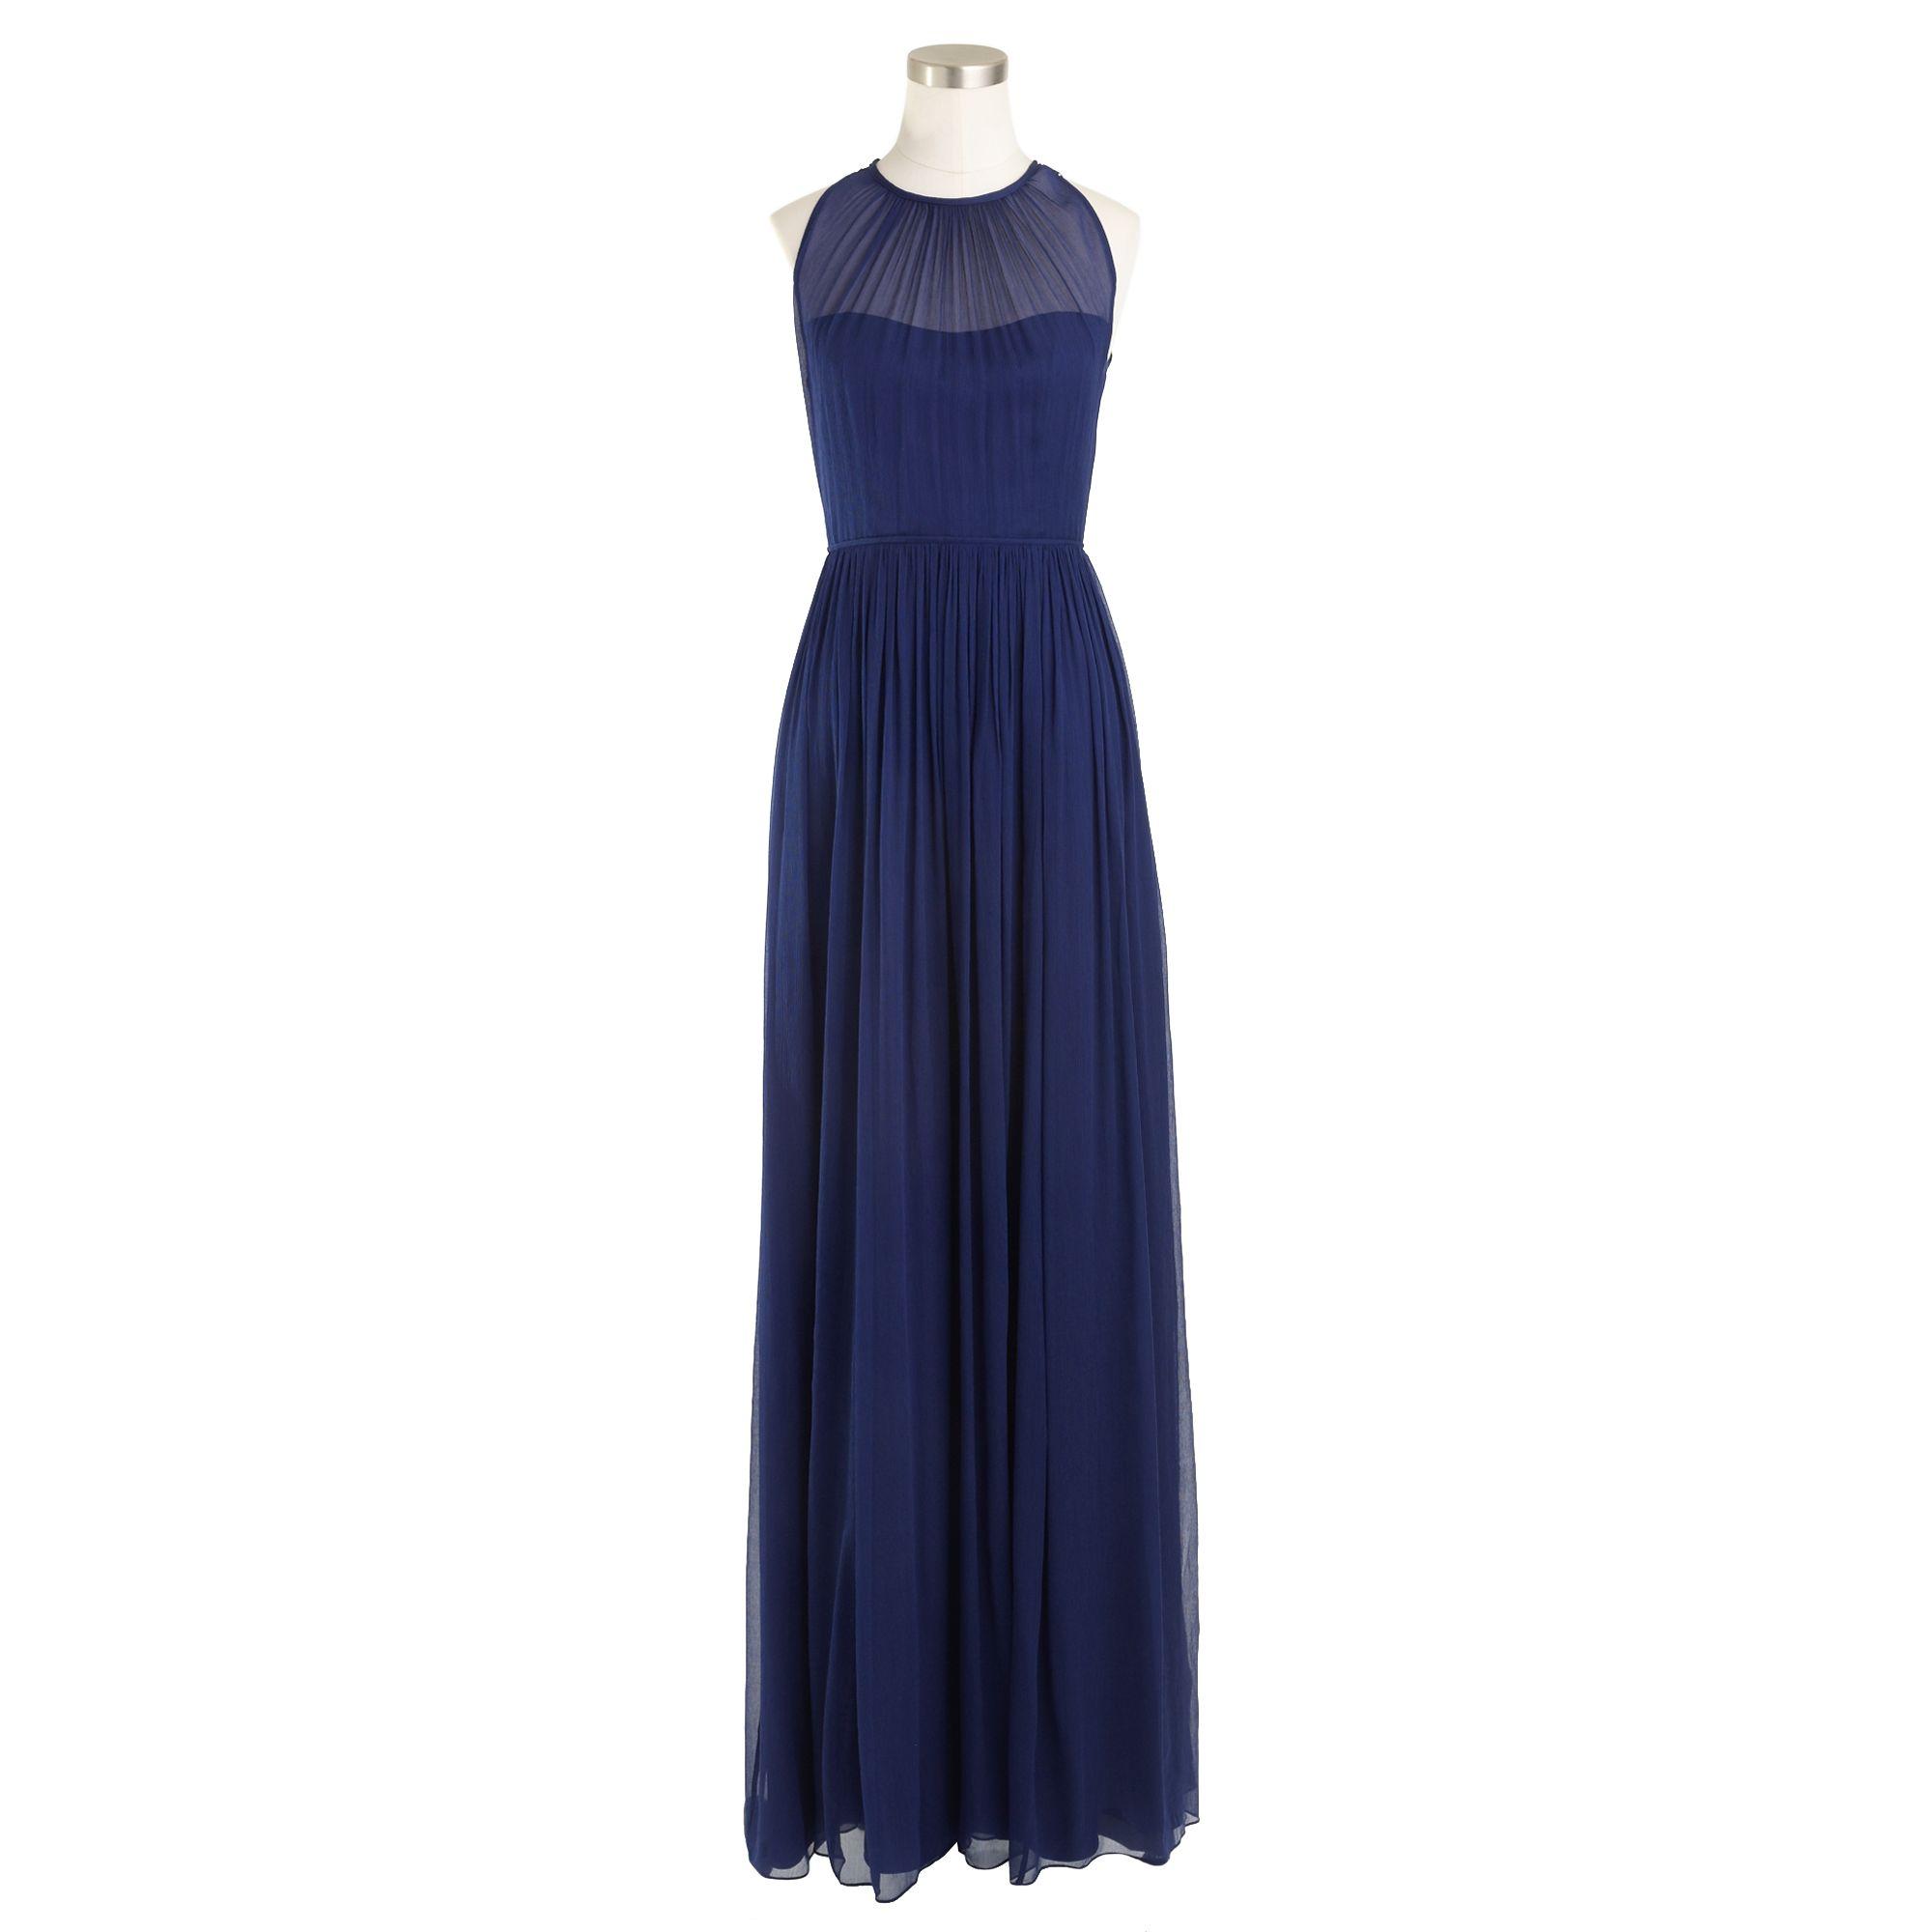 Jcrew Megan Long Dress In Silk Chiffon In Blue Dark Cove